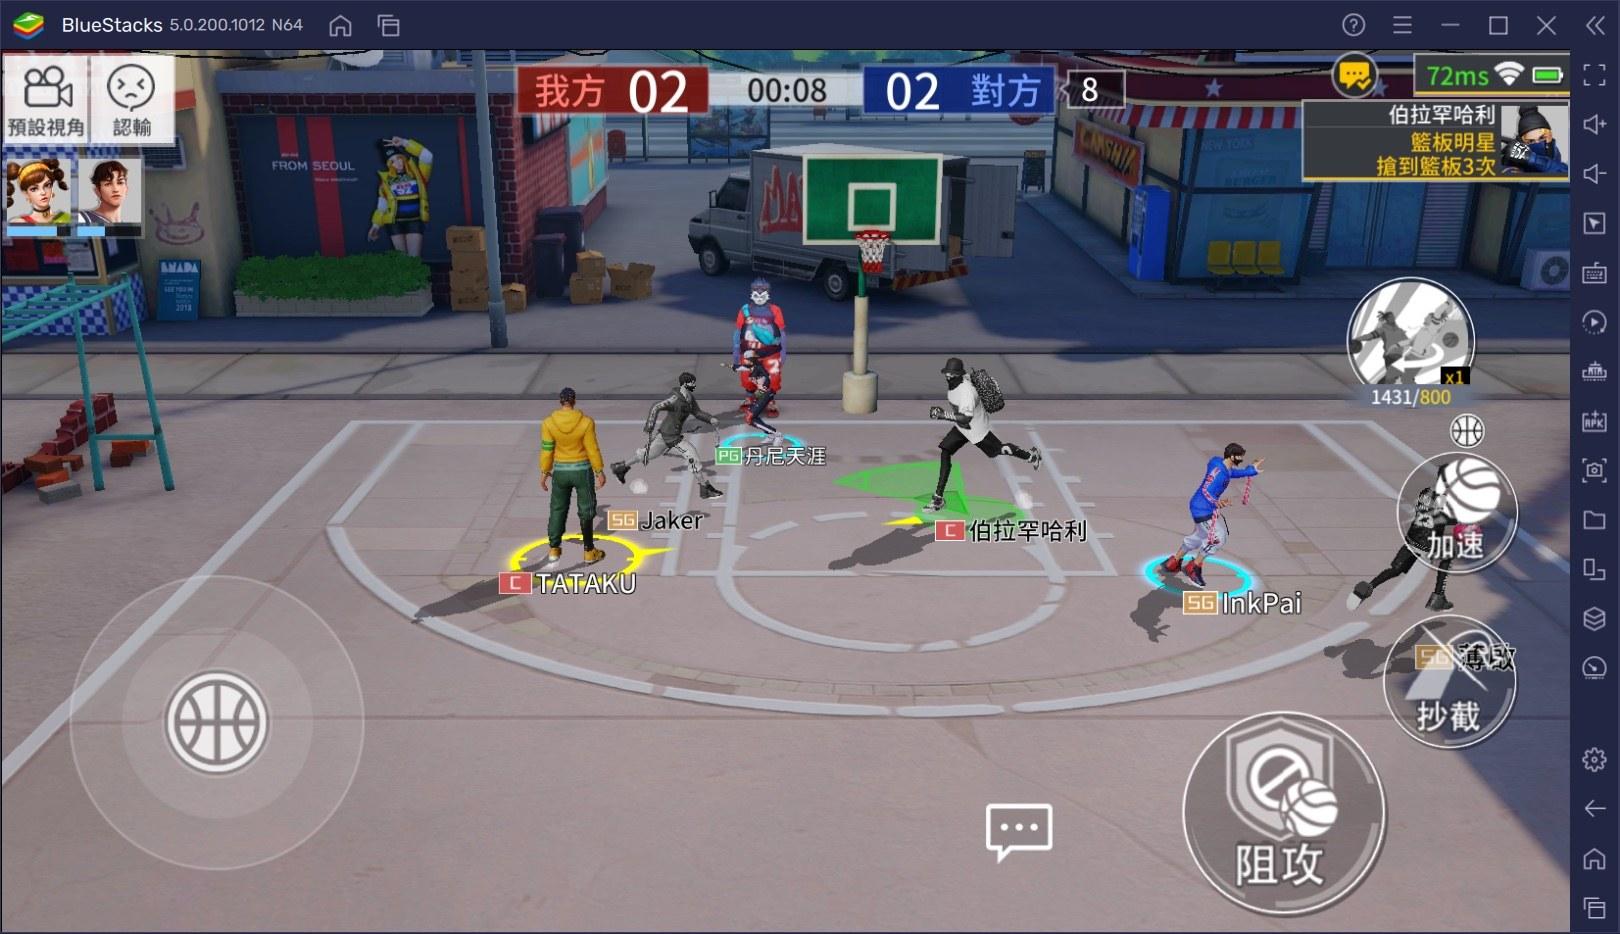 如何用BlueStacks在電腦上玩競技手遊《街頭籃球2:正宗續作》